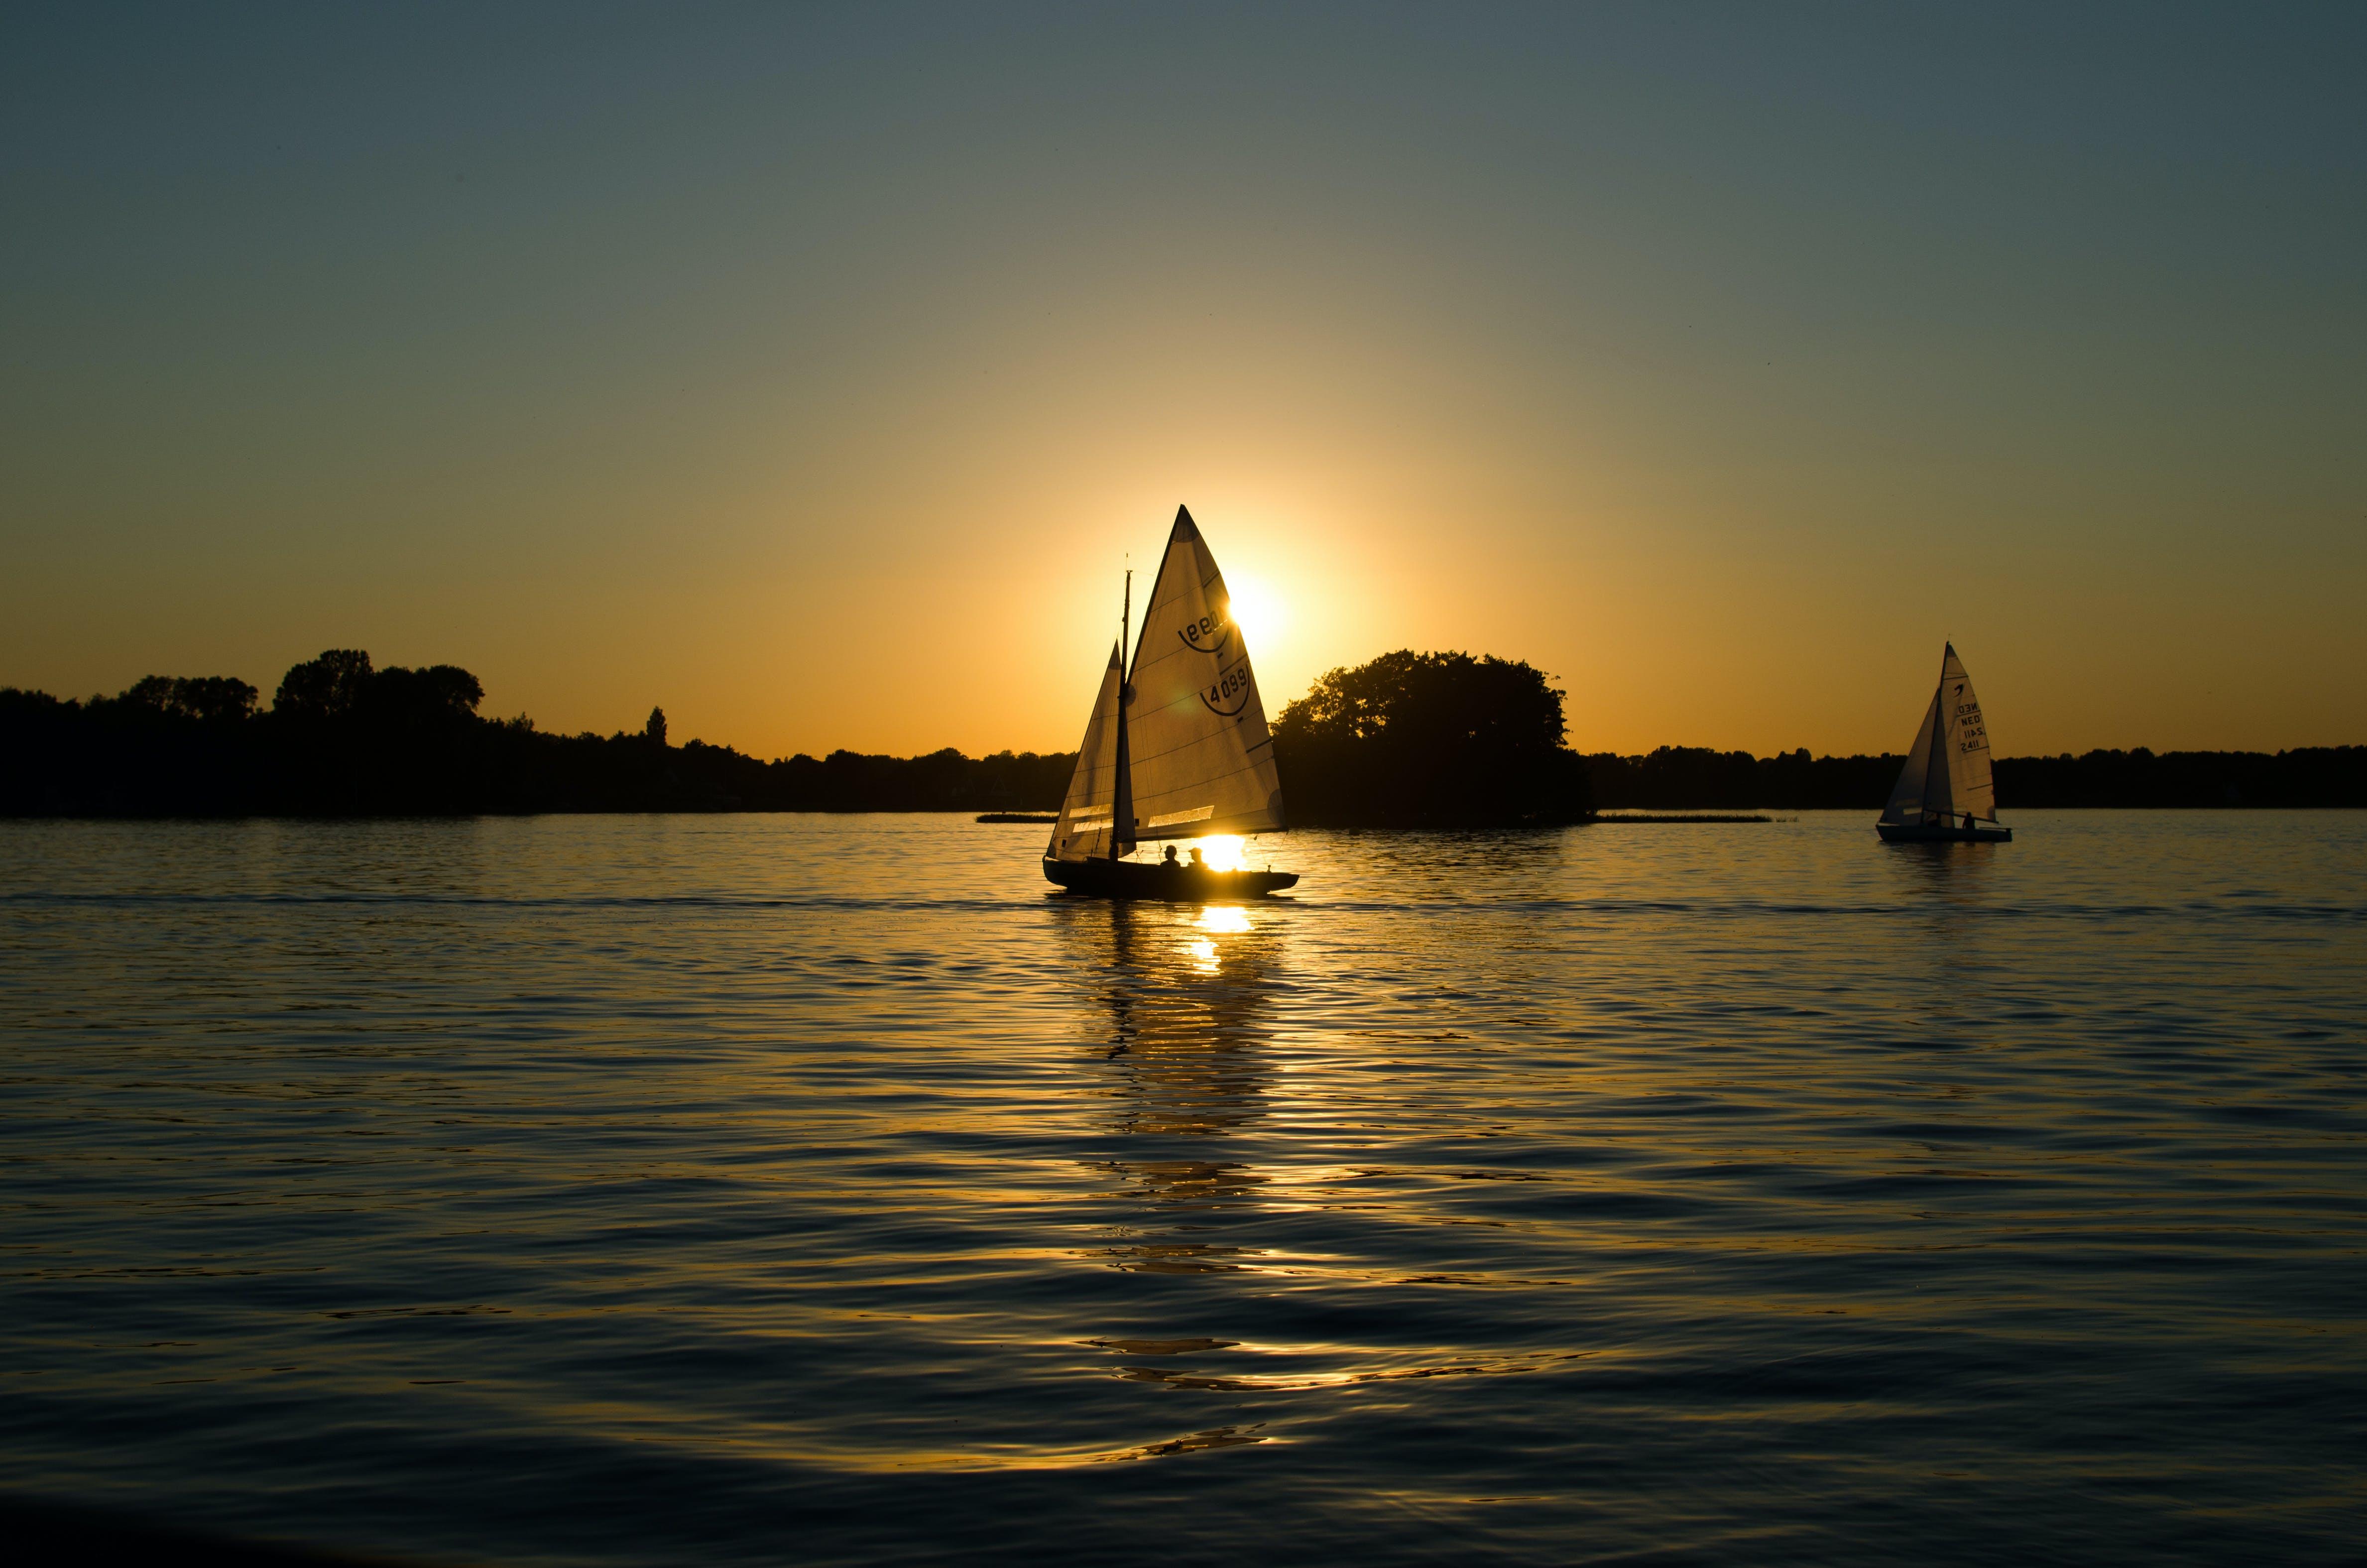 boats, dawn, dusk